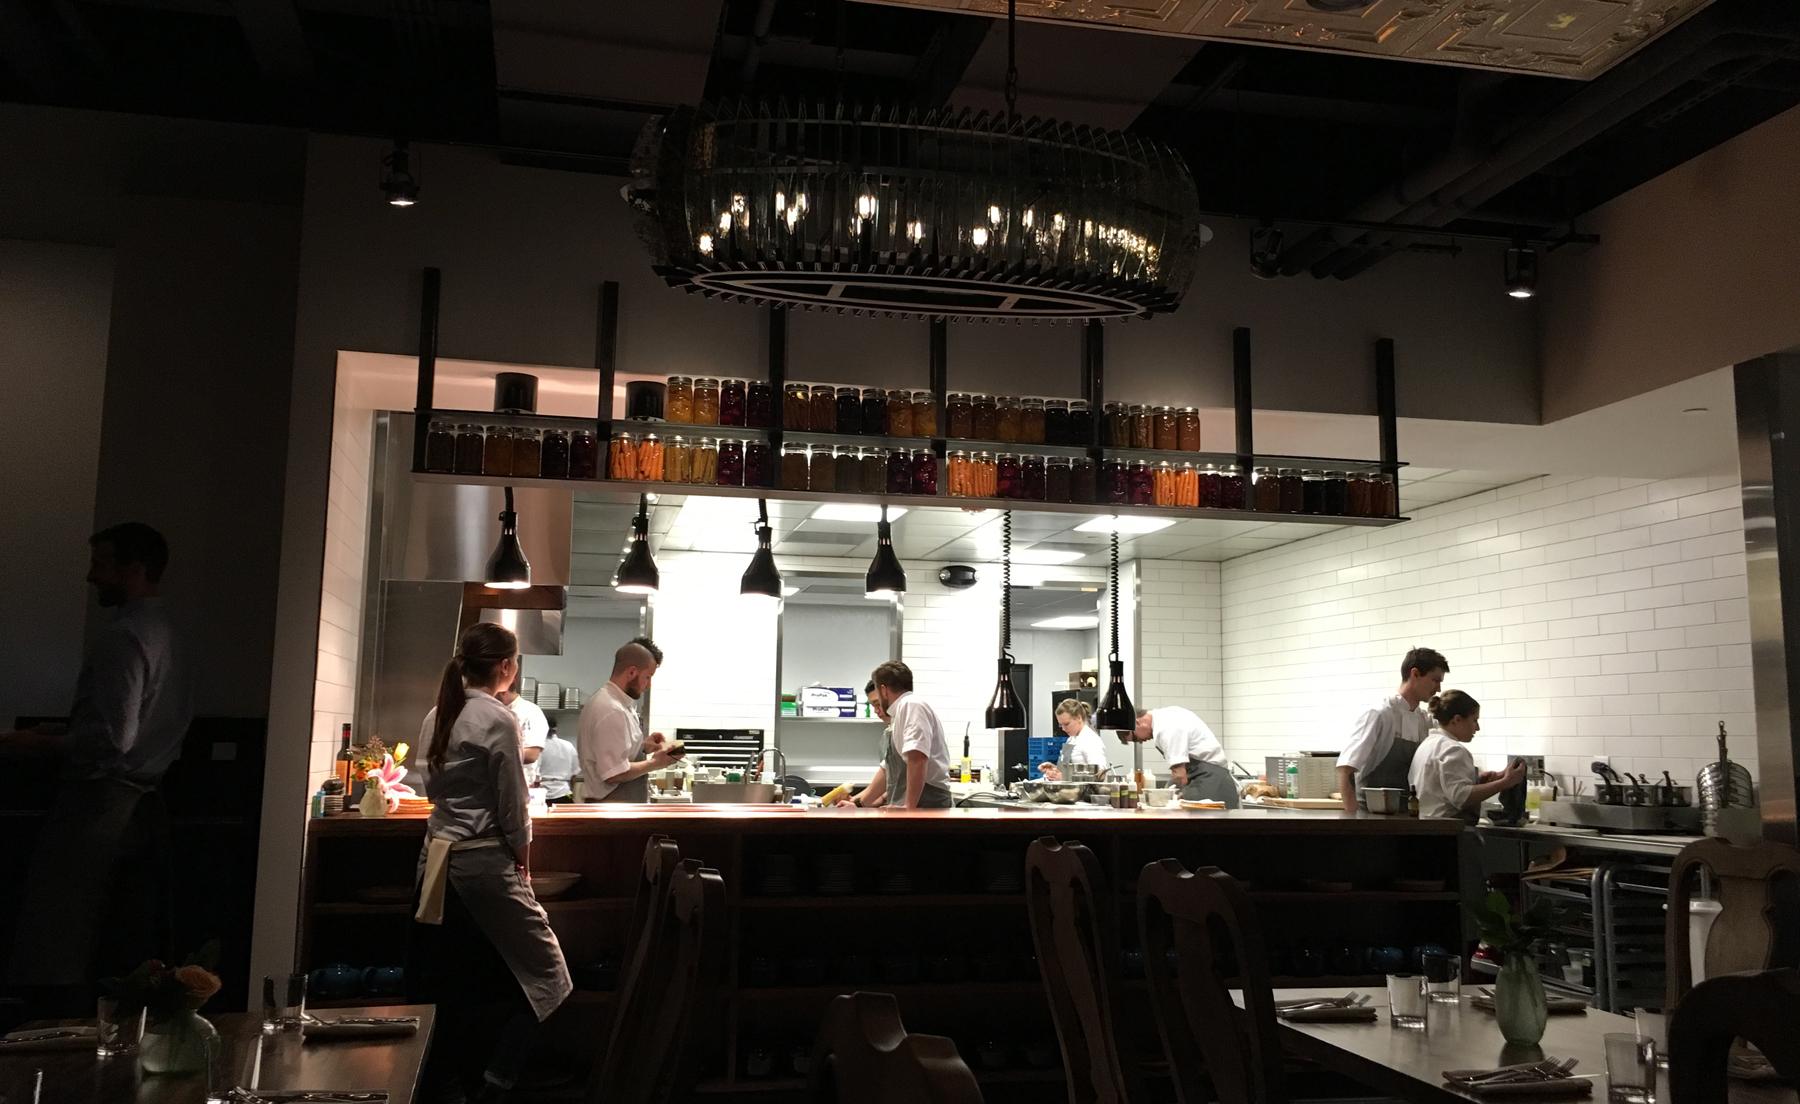 Adorable 30 Open Restaurant Ideas Design Inspiration Of Open Terrace Restaurant Design Ideas